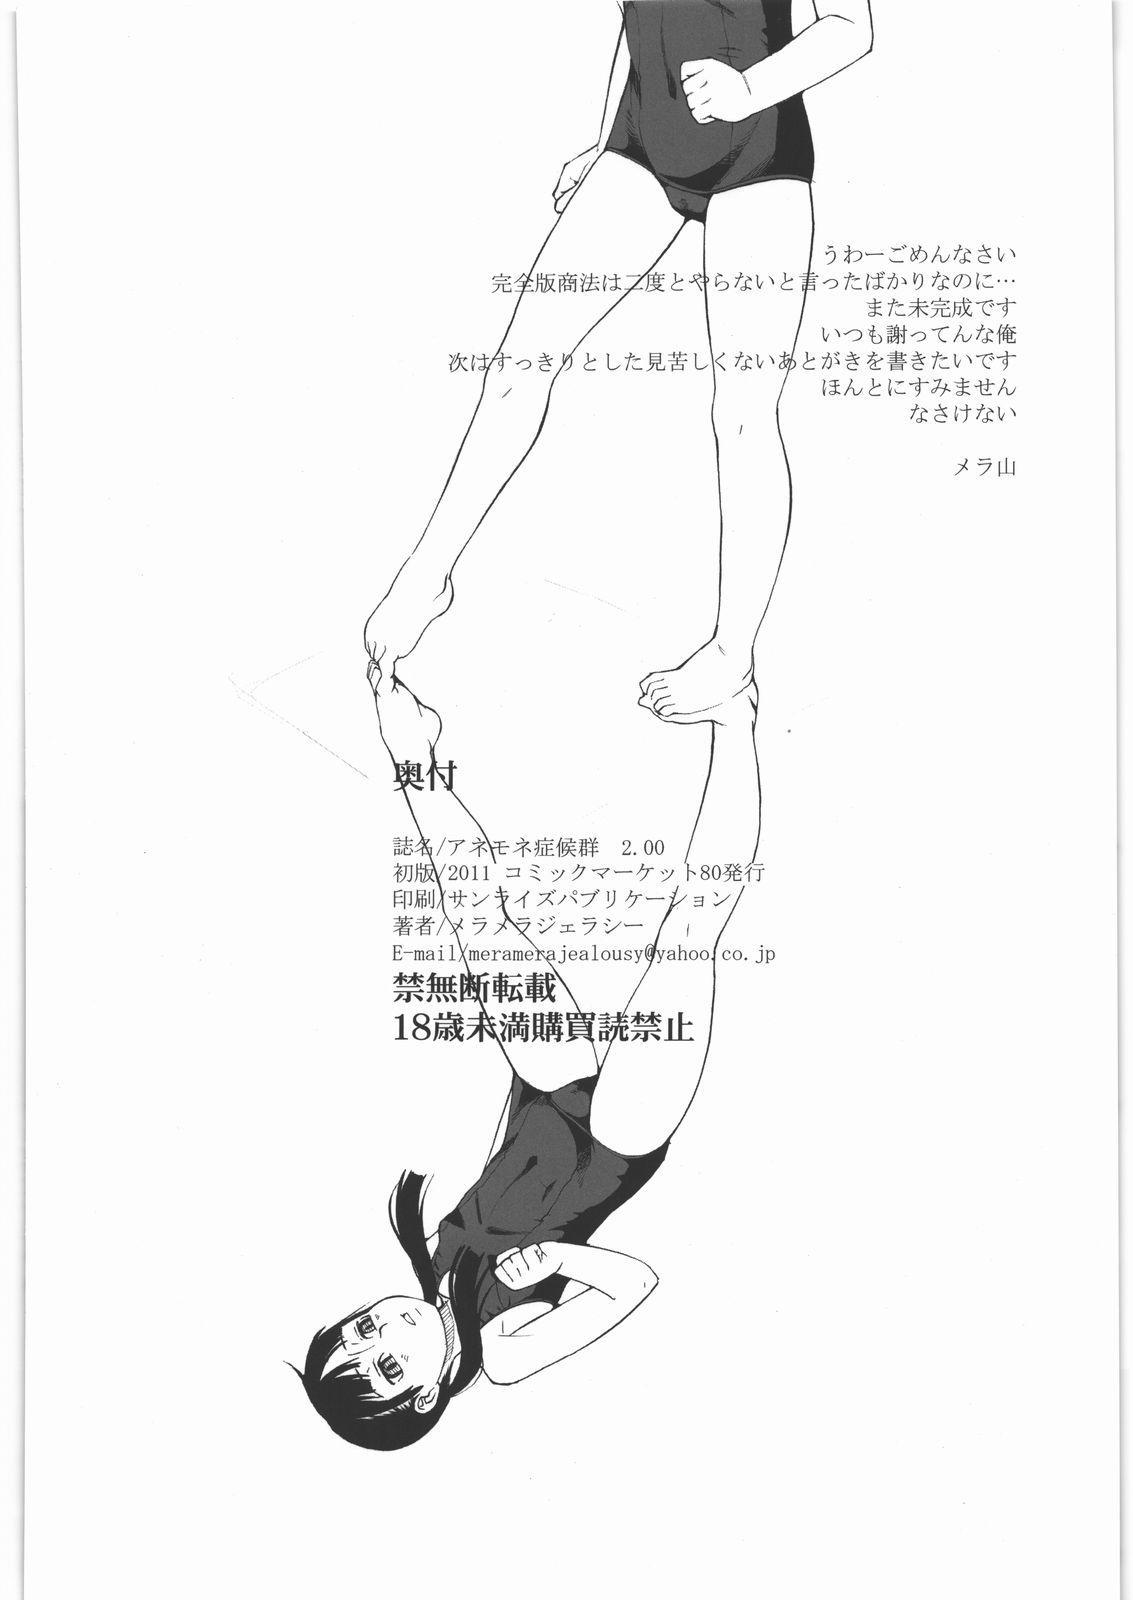 Anemone Shoukougun 2.00 32